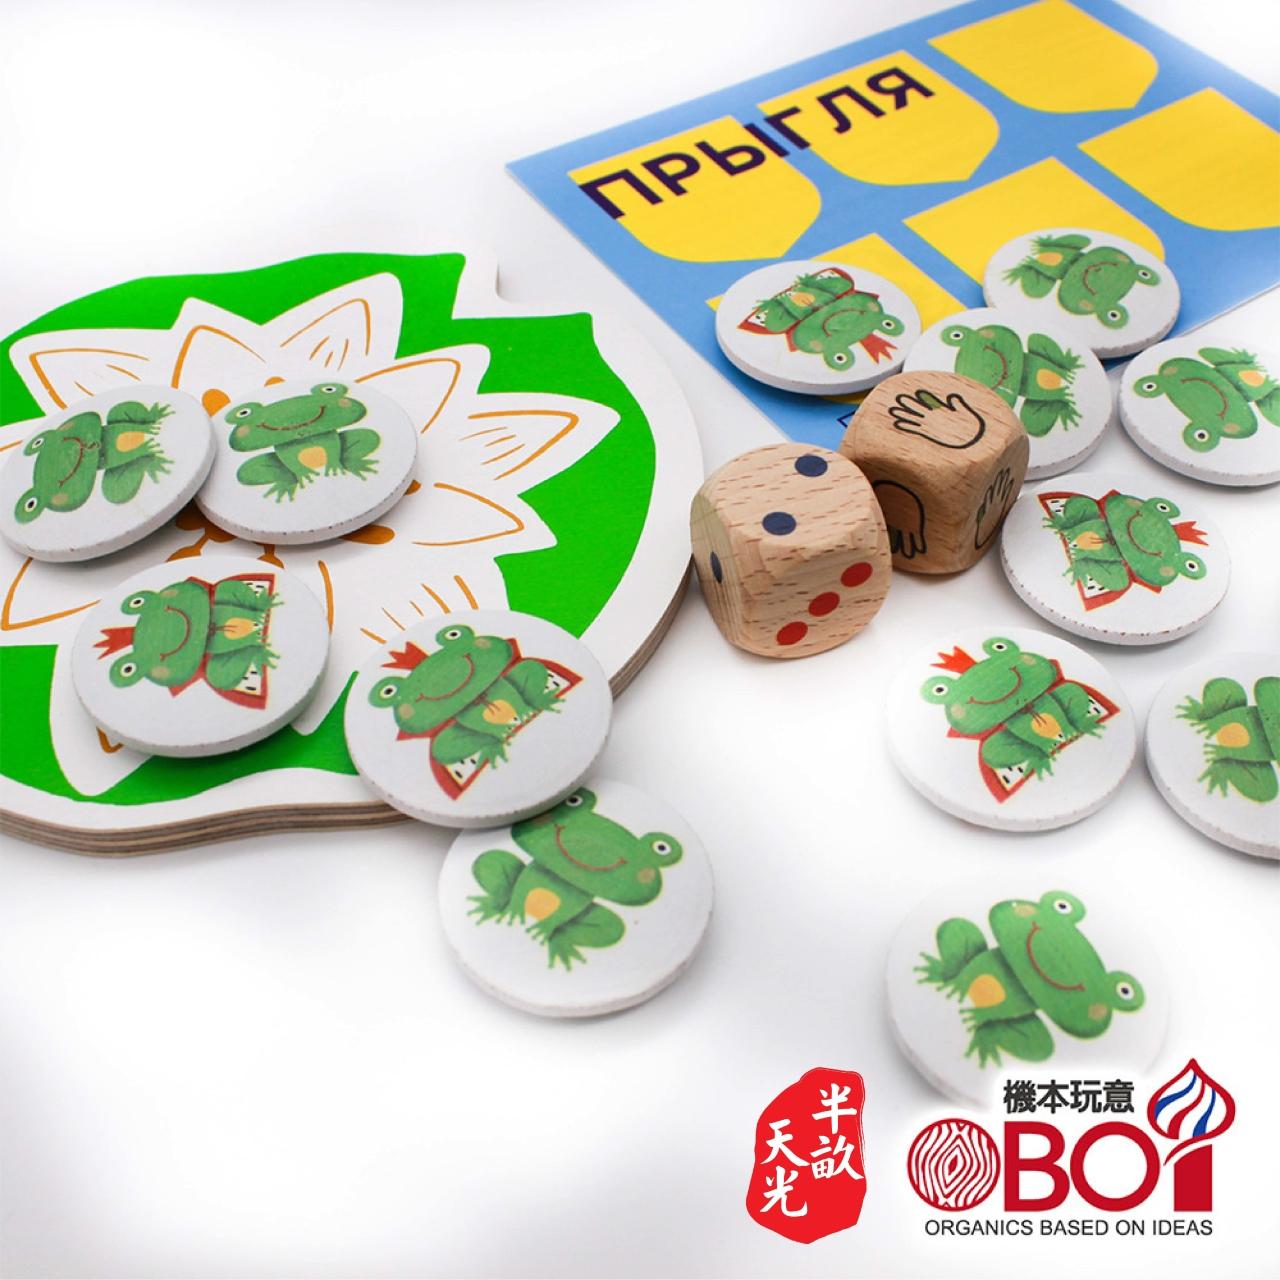 儿童桌游/儿童游戏/正版桌游: 呱呱跳 Ribbit Hop